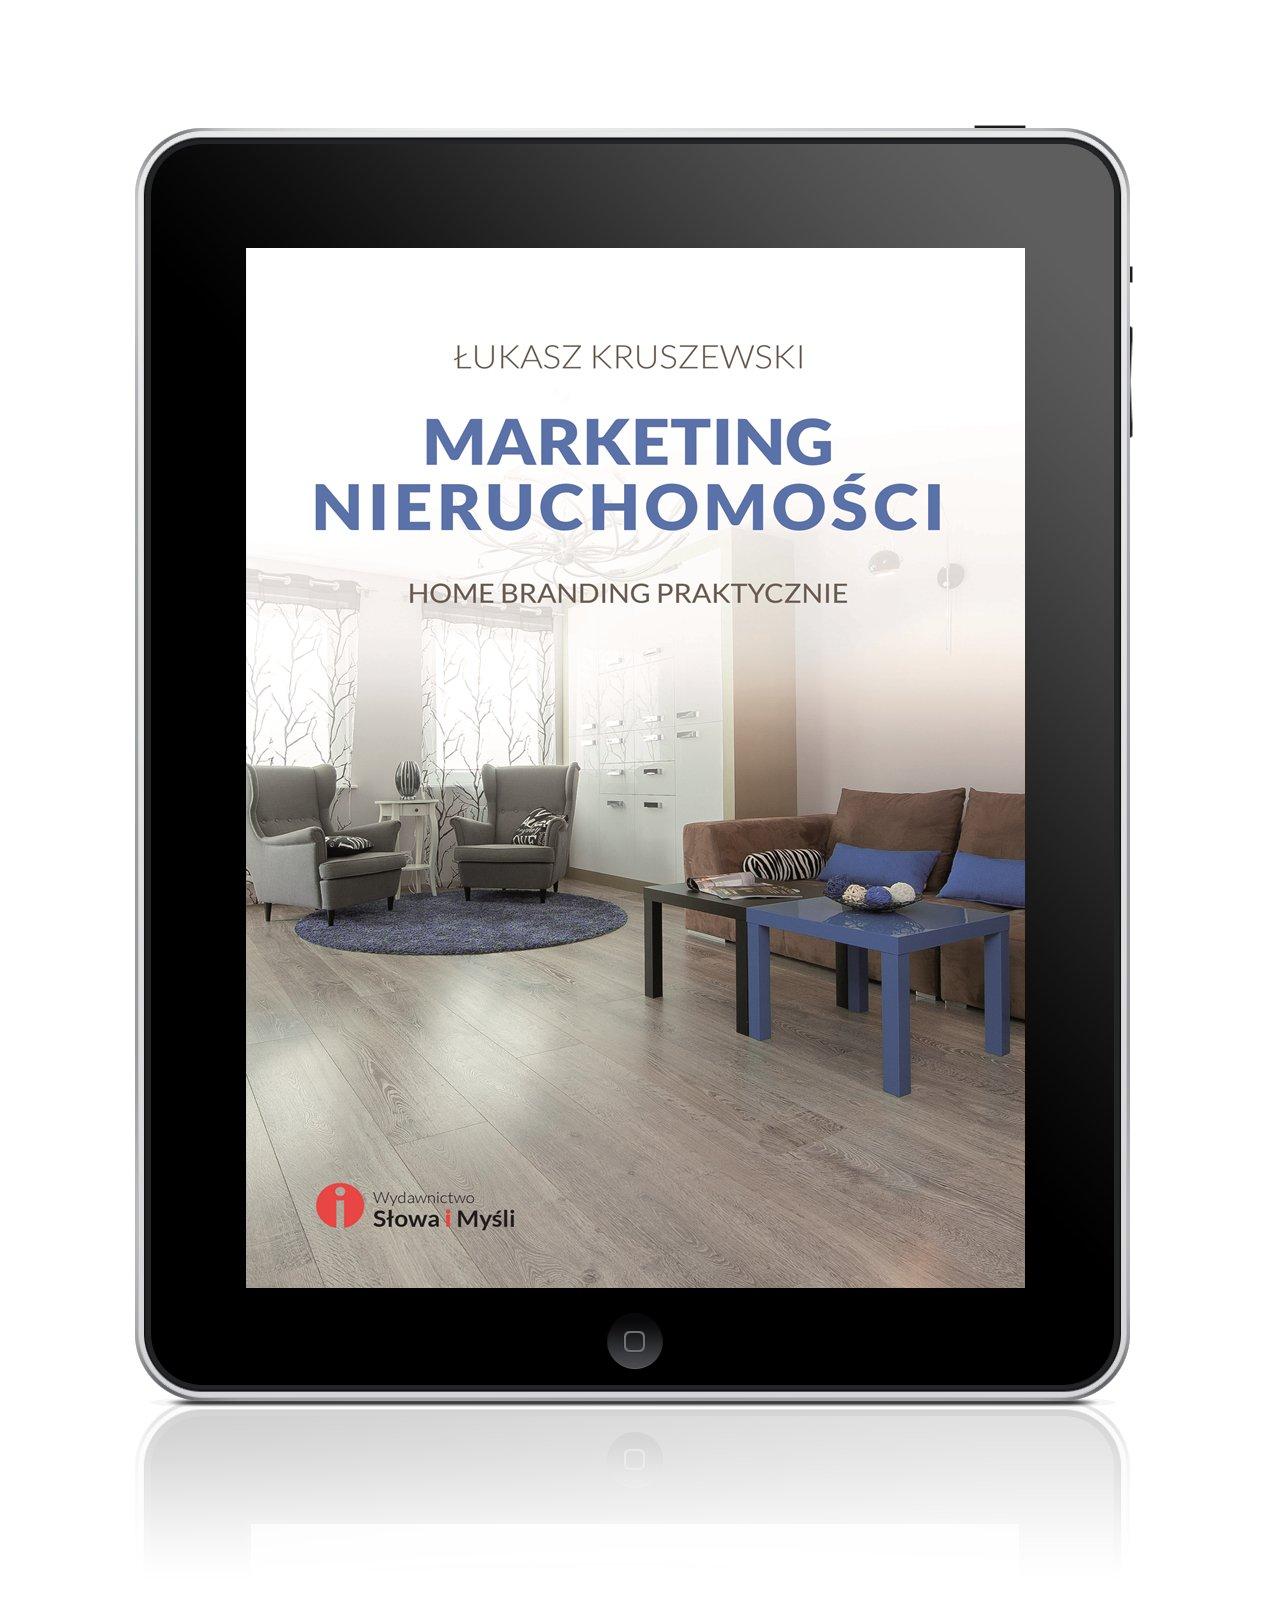 Marketing nieruchomości. Home branding praktycznie - Ebook (Książka na Kindle) do pobrania w formacie MOBI